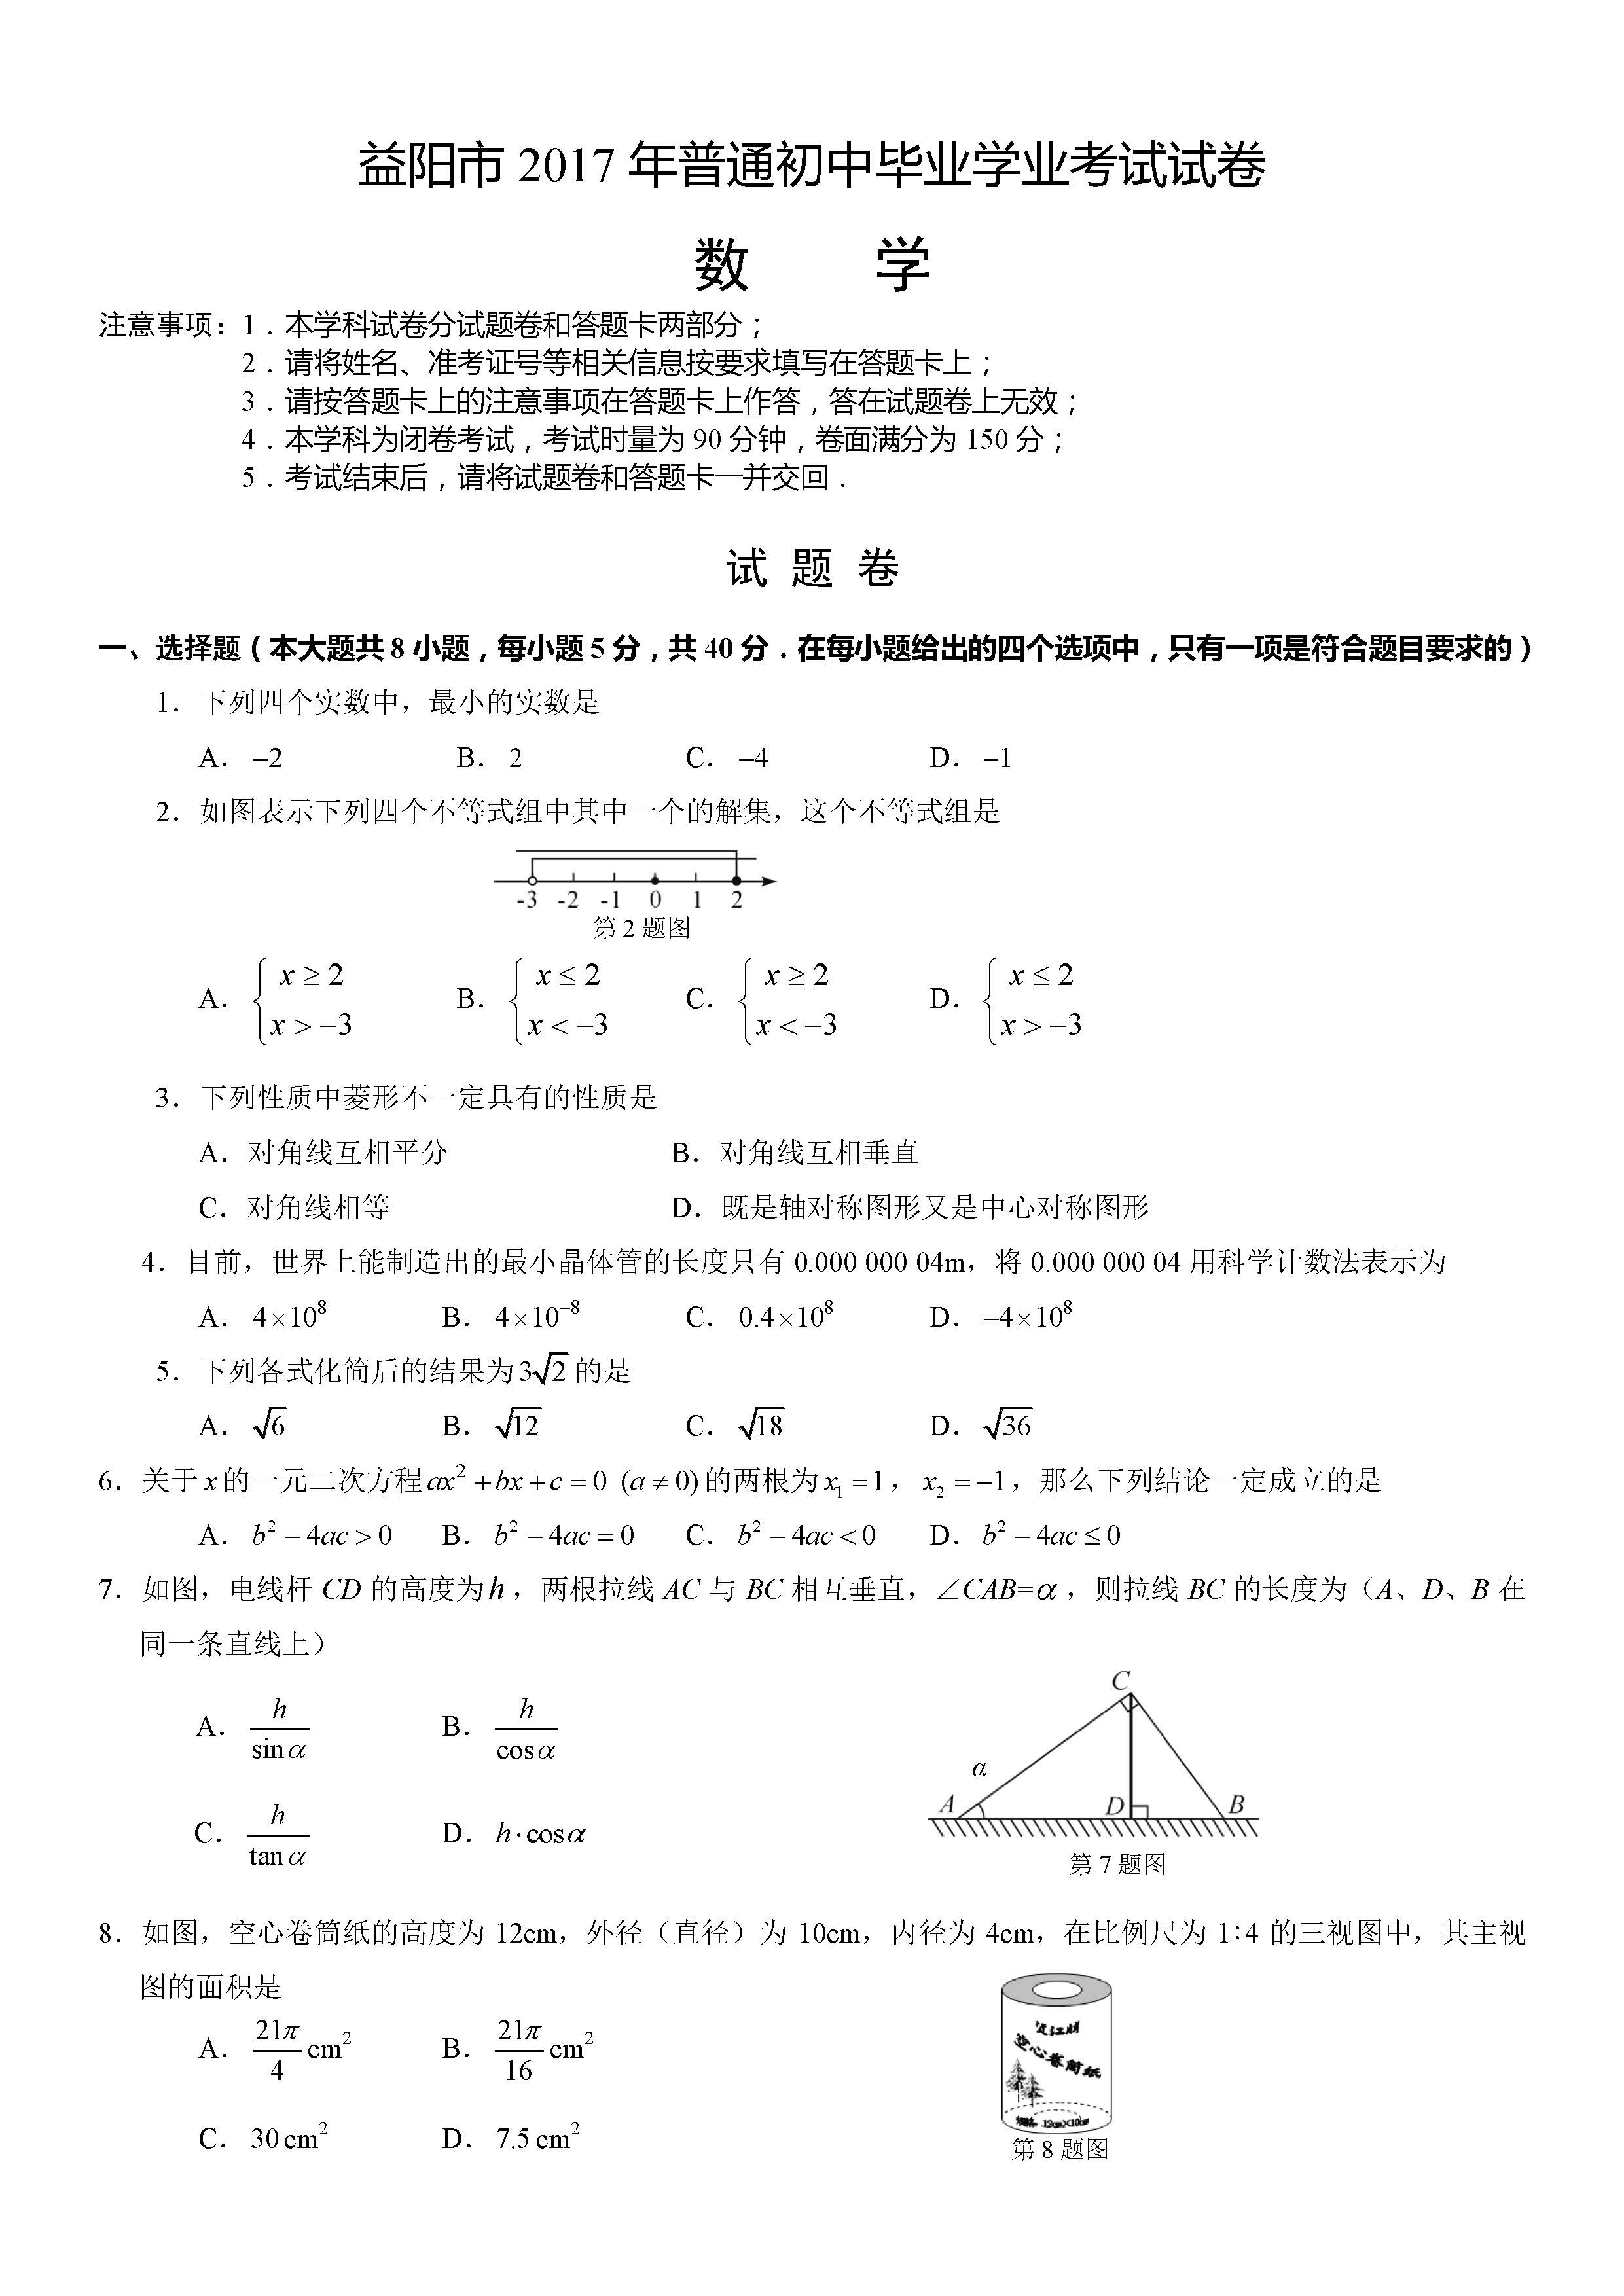 2017益阳中考数学试题及答案解析(图片版含答案)